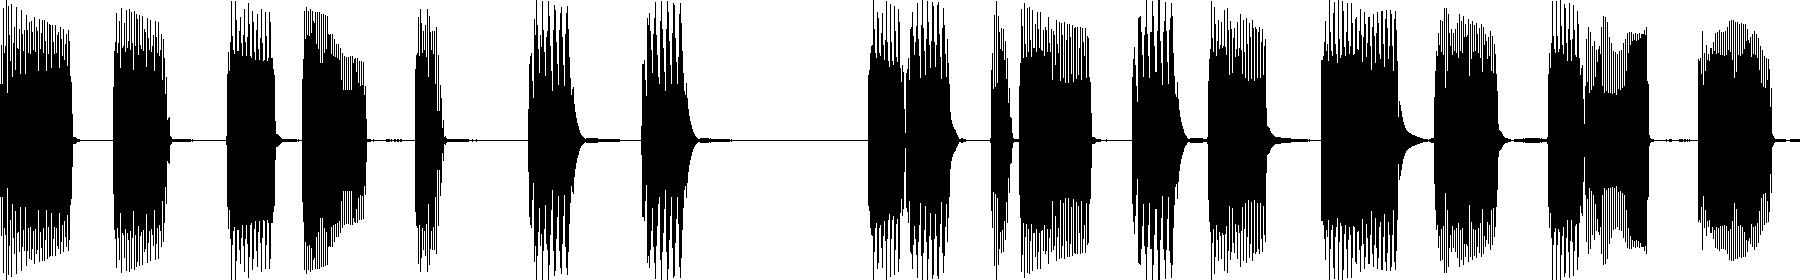 ehp bassloop 127 lilminimal bb